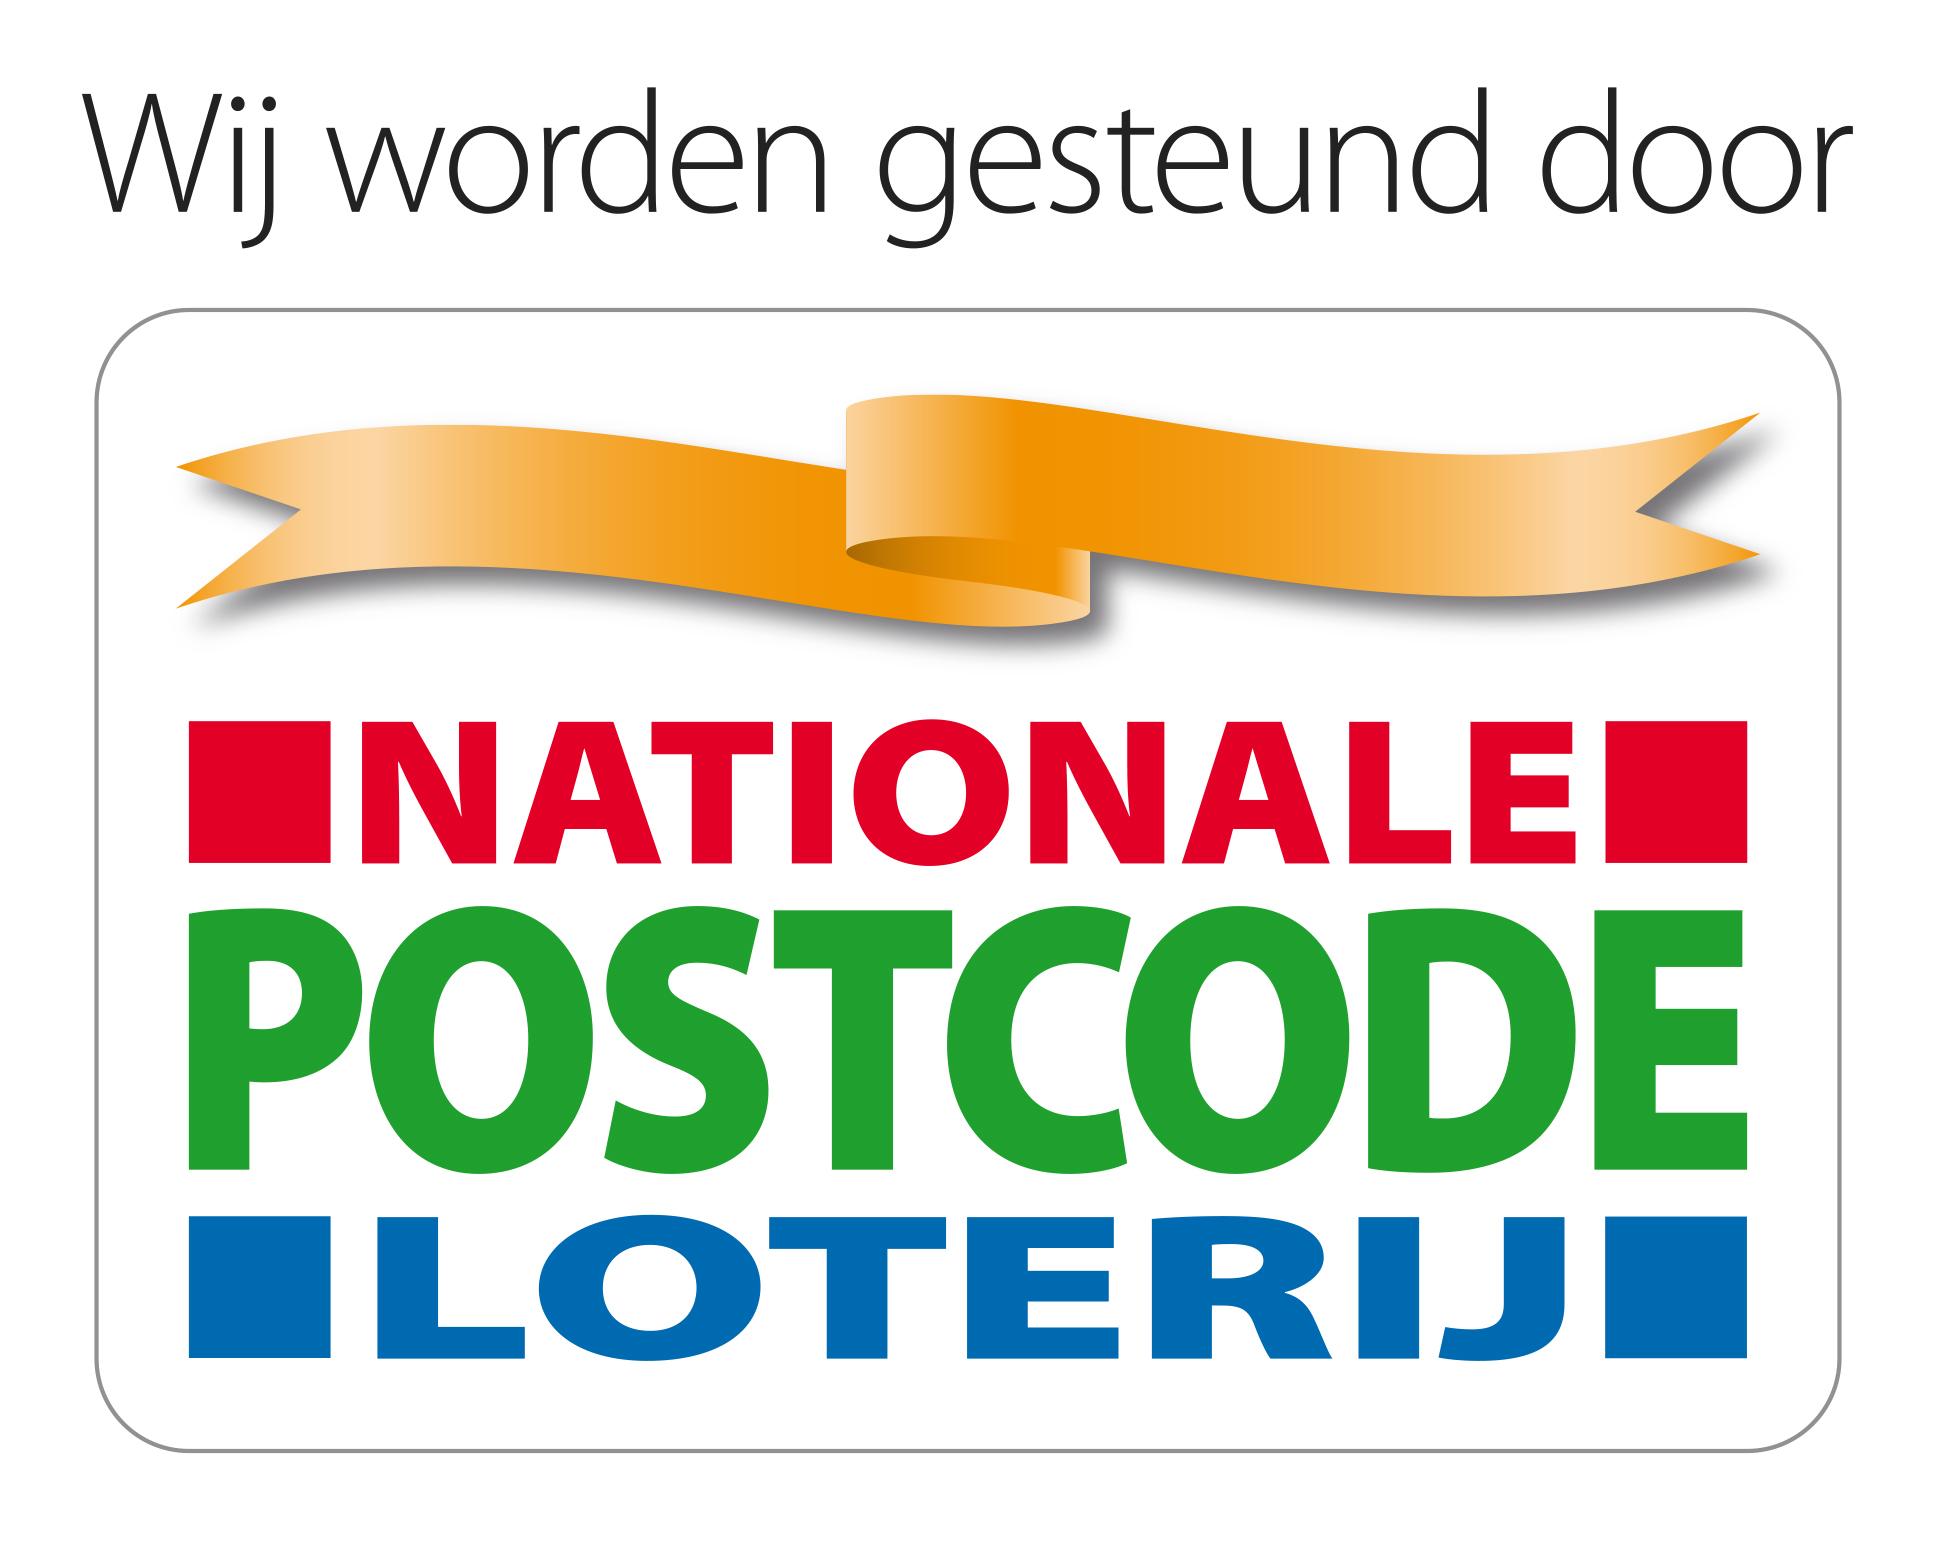 Wilde Ganzen wordt gesteund door de Postcode Loterij